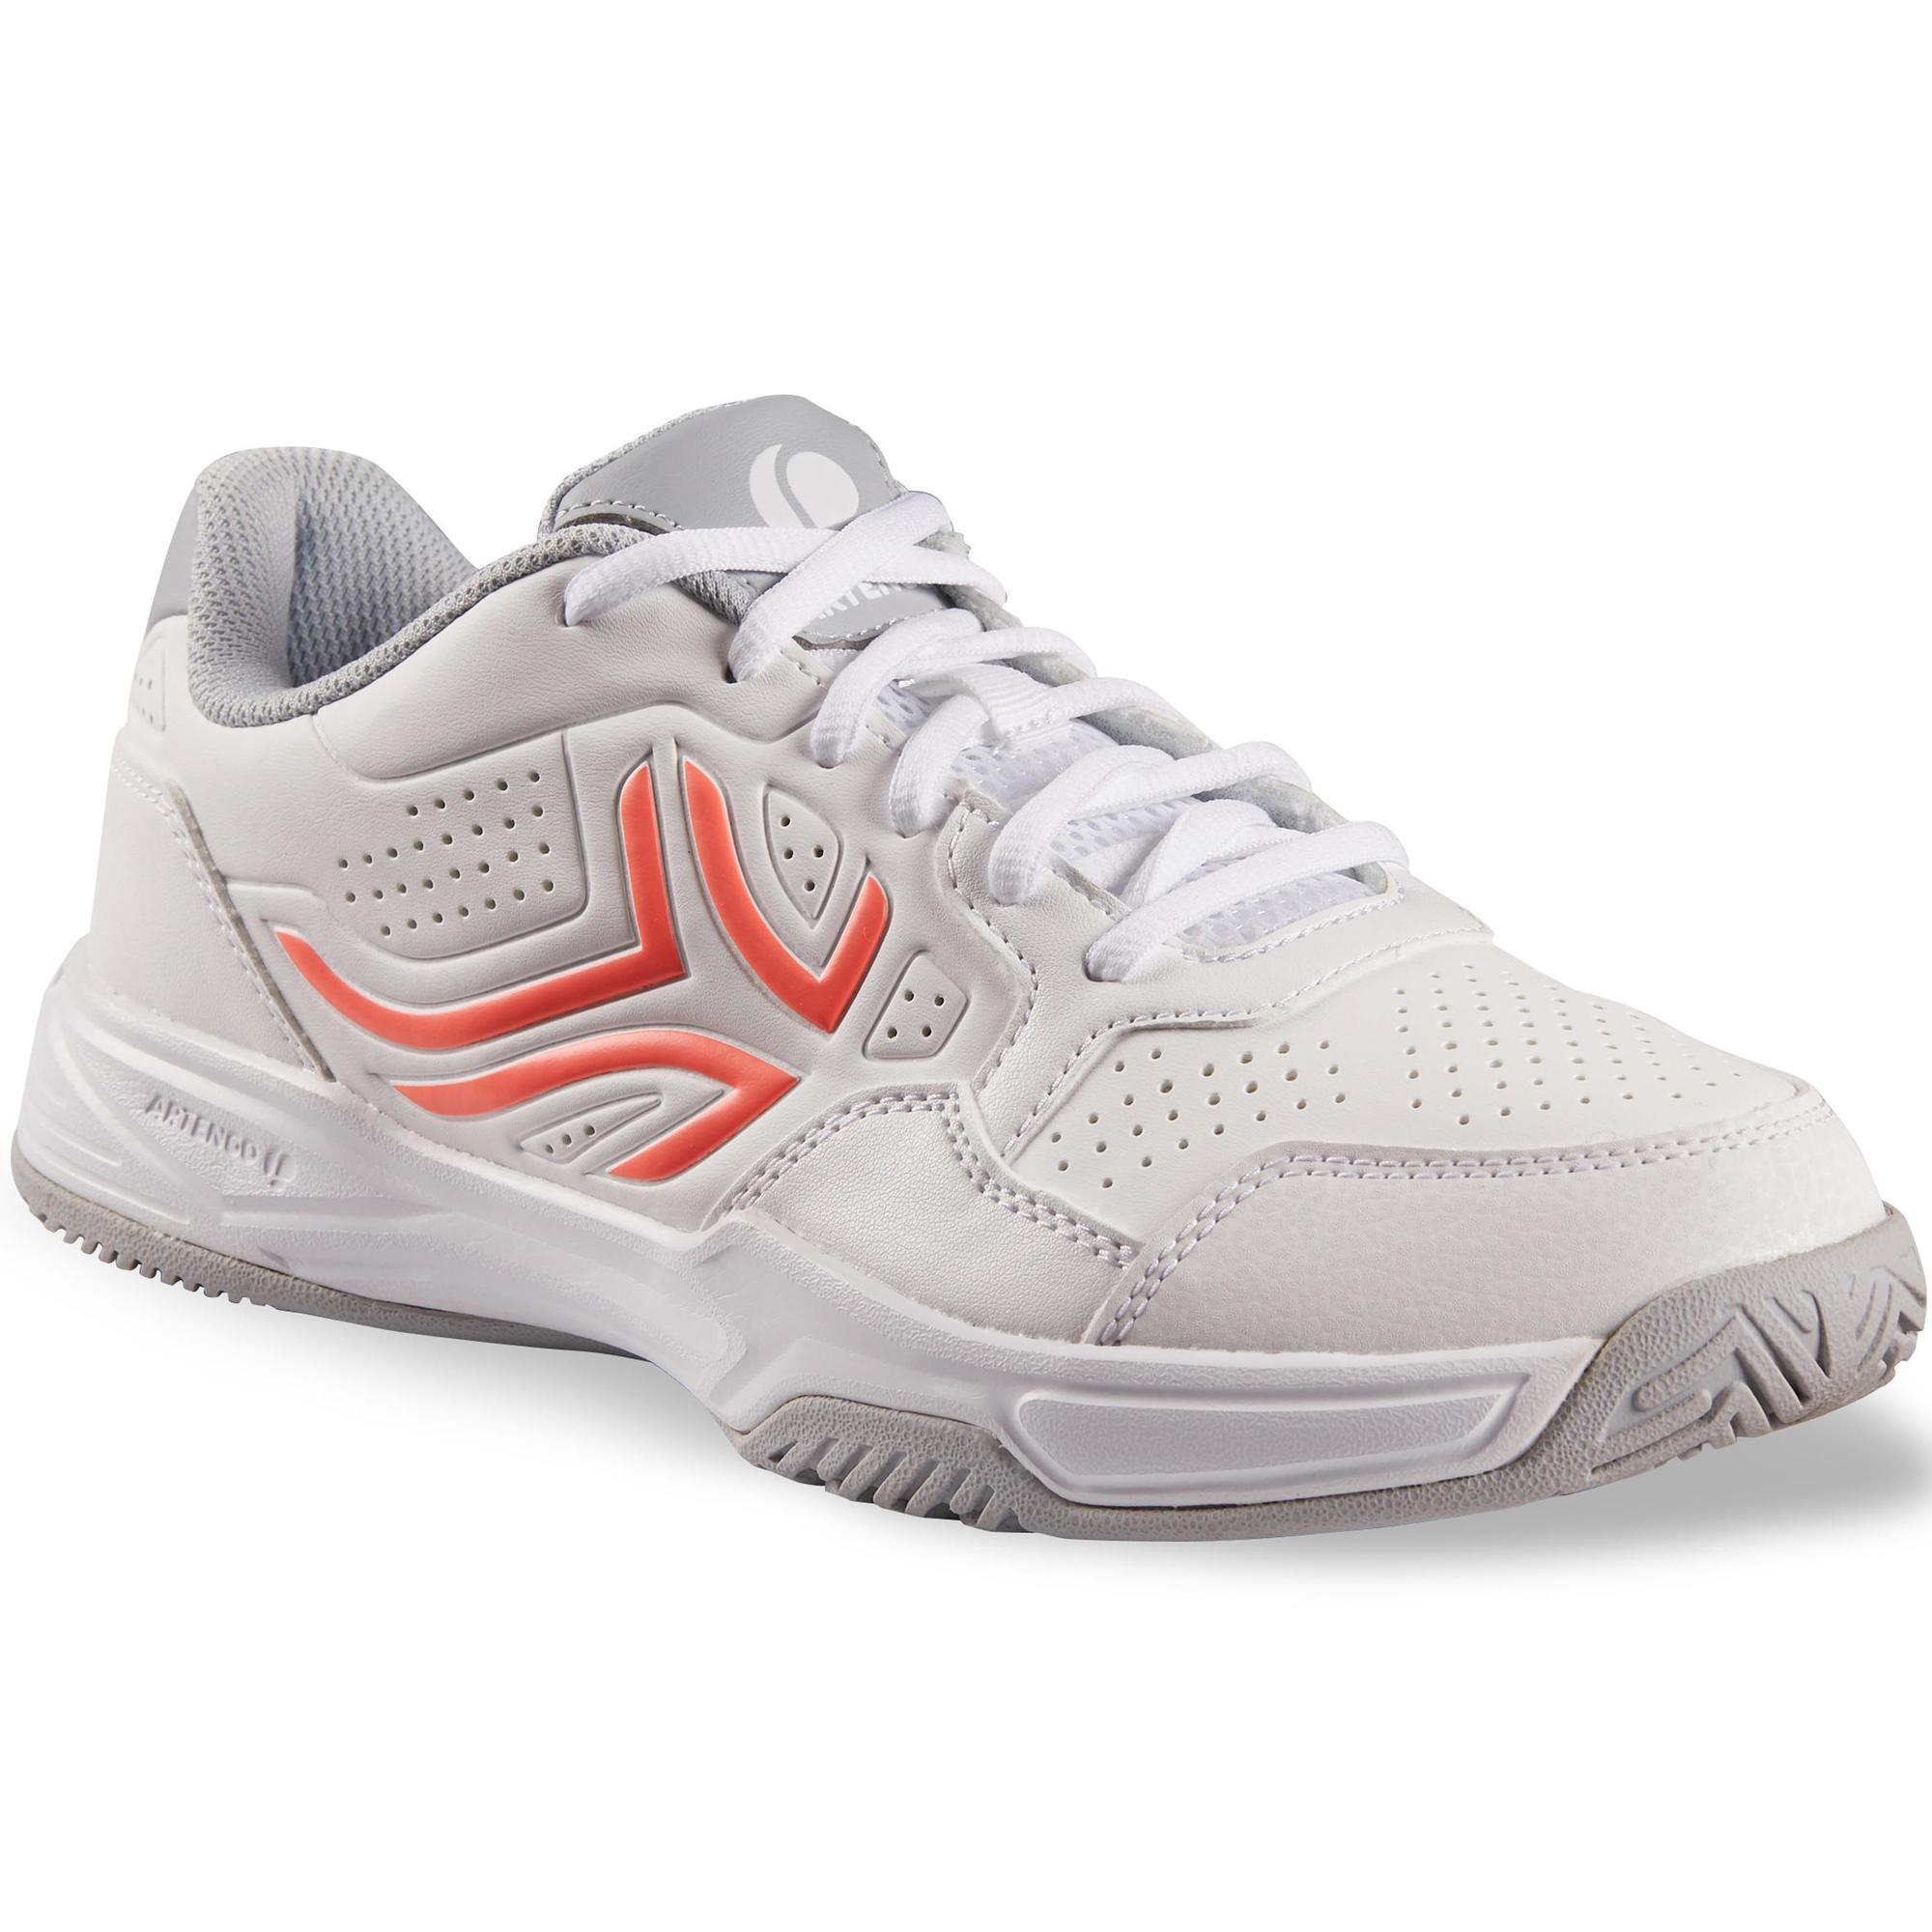 Tennisschuhe TS 190 Damen weiß | Schuhe > Sportschuhe > Tennisschuhe | Artengo